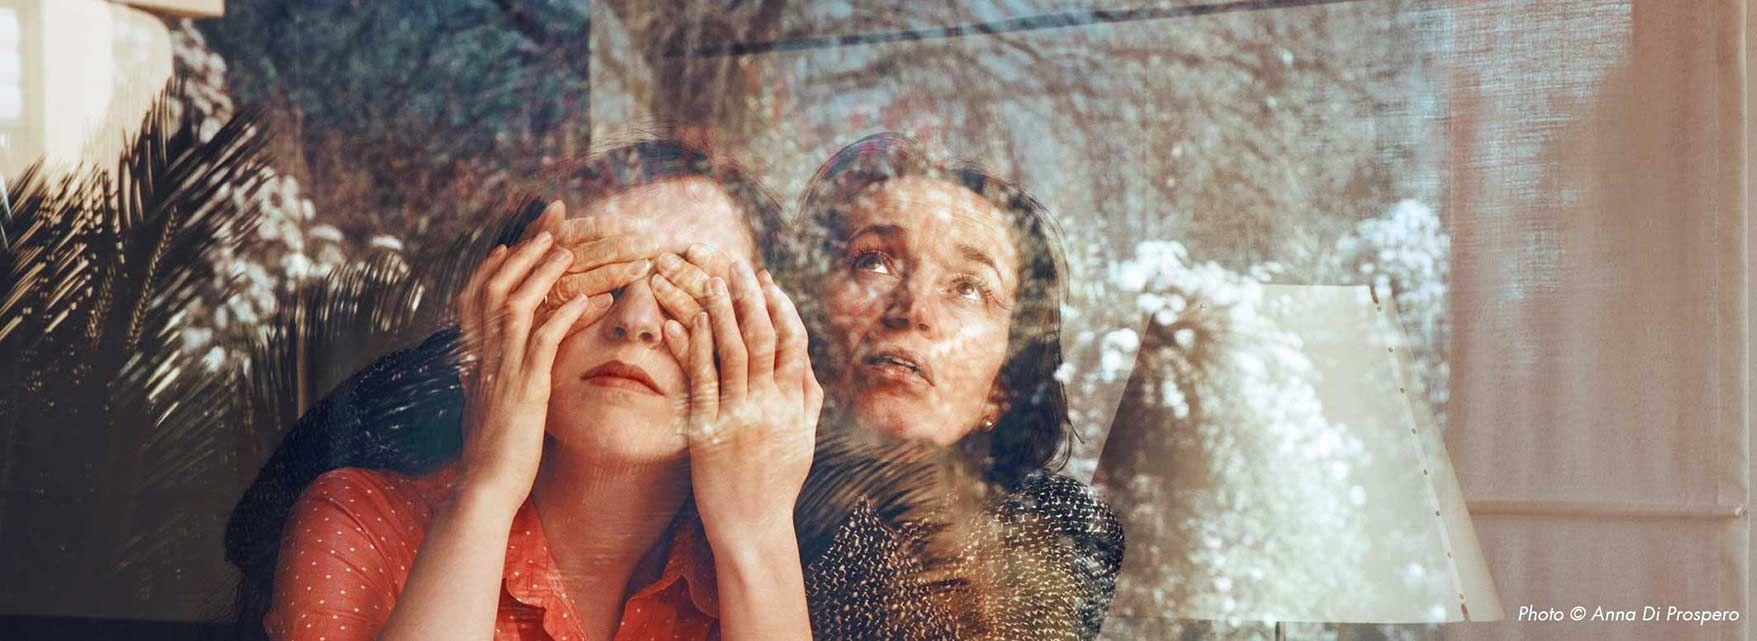 RT @fotografiadg: Abertas inscrições para o prêmio Life Framer:  https://t.co/cbZrsiaHFk #dgindica #fotografia (via Resumo Fotográfi https://t.co/vjkR1urRc3